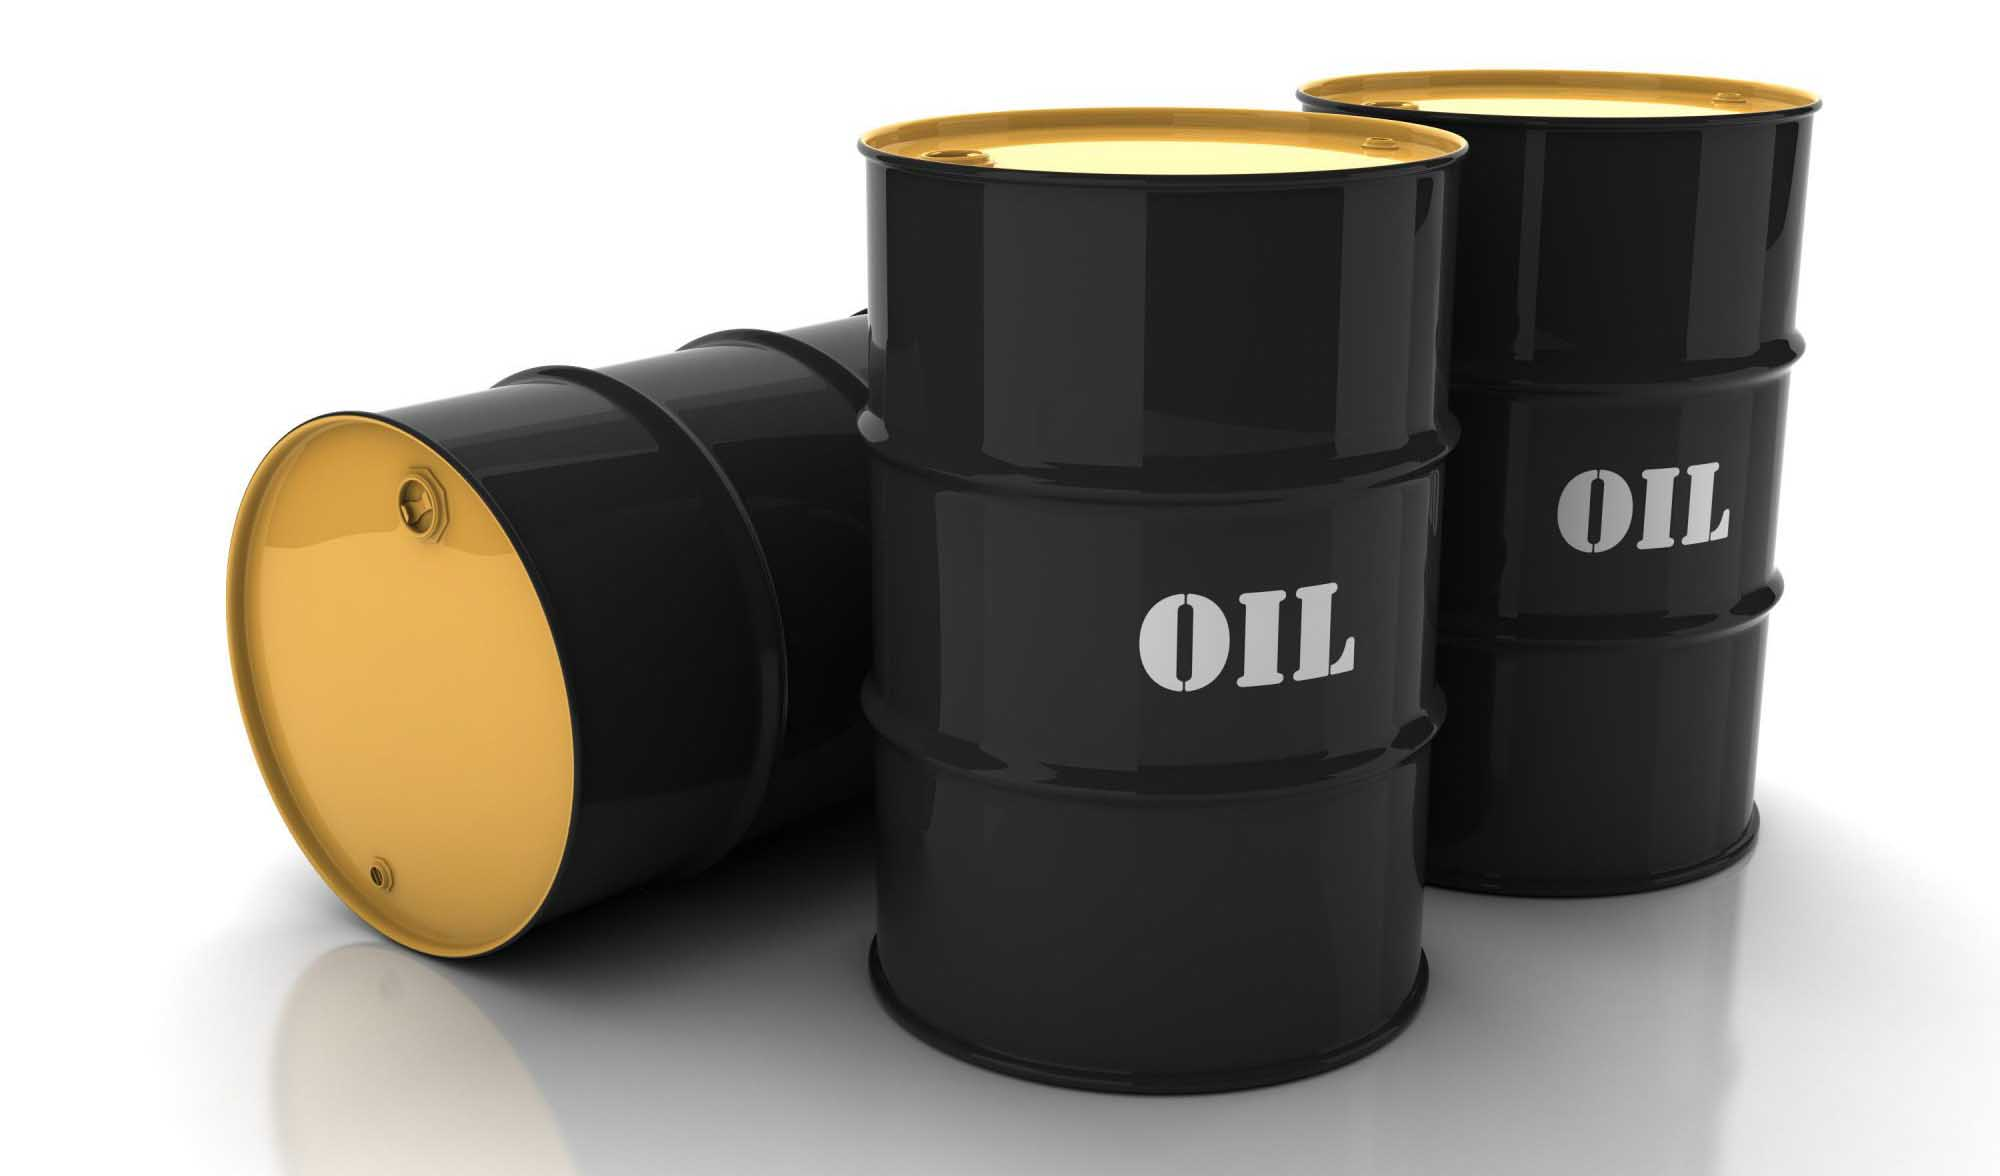 بزرگترین نبردگاه صادرکنندگان نفت روسیه و عربستان